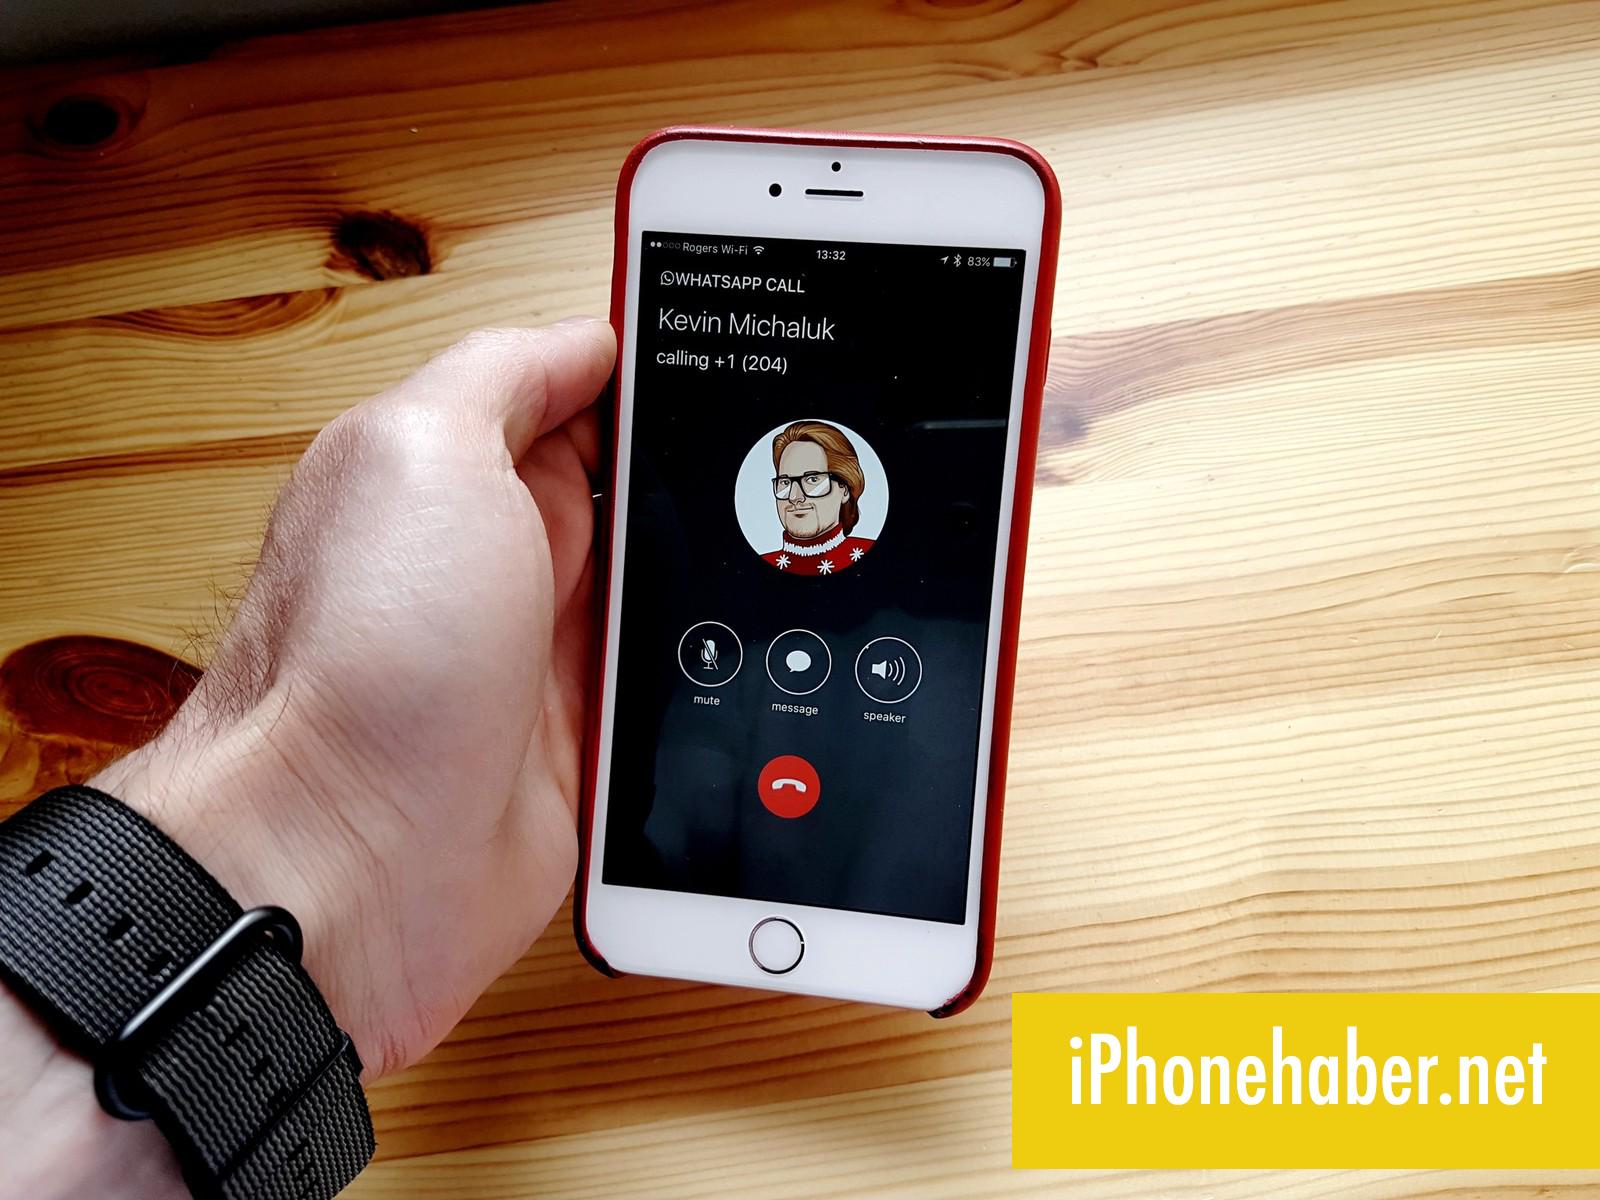 iOS 10 ile Arayan Kişinin Adını Sesli Duyma Özelliği